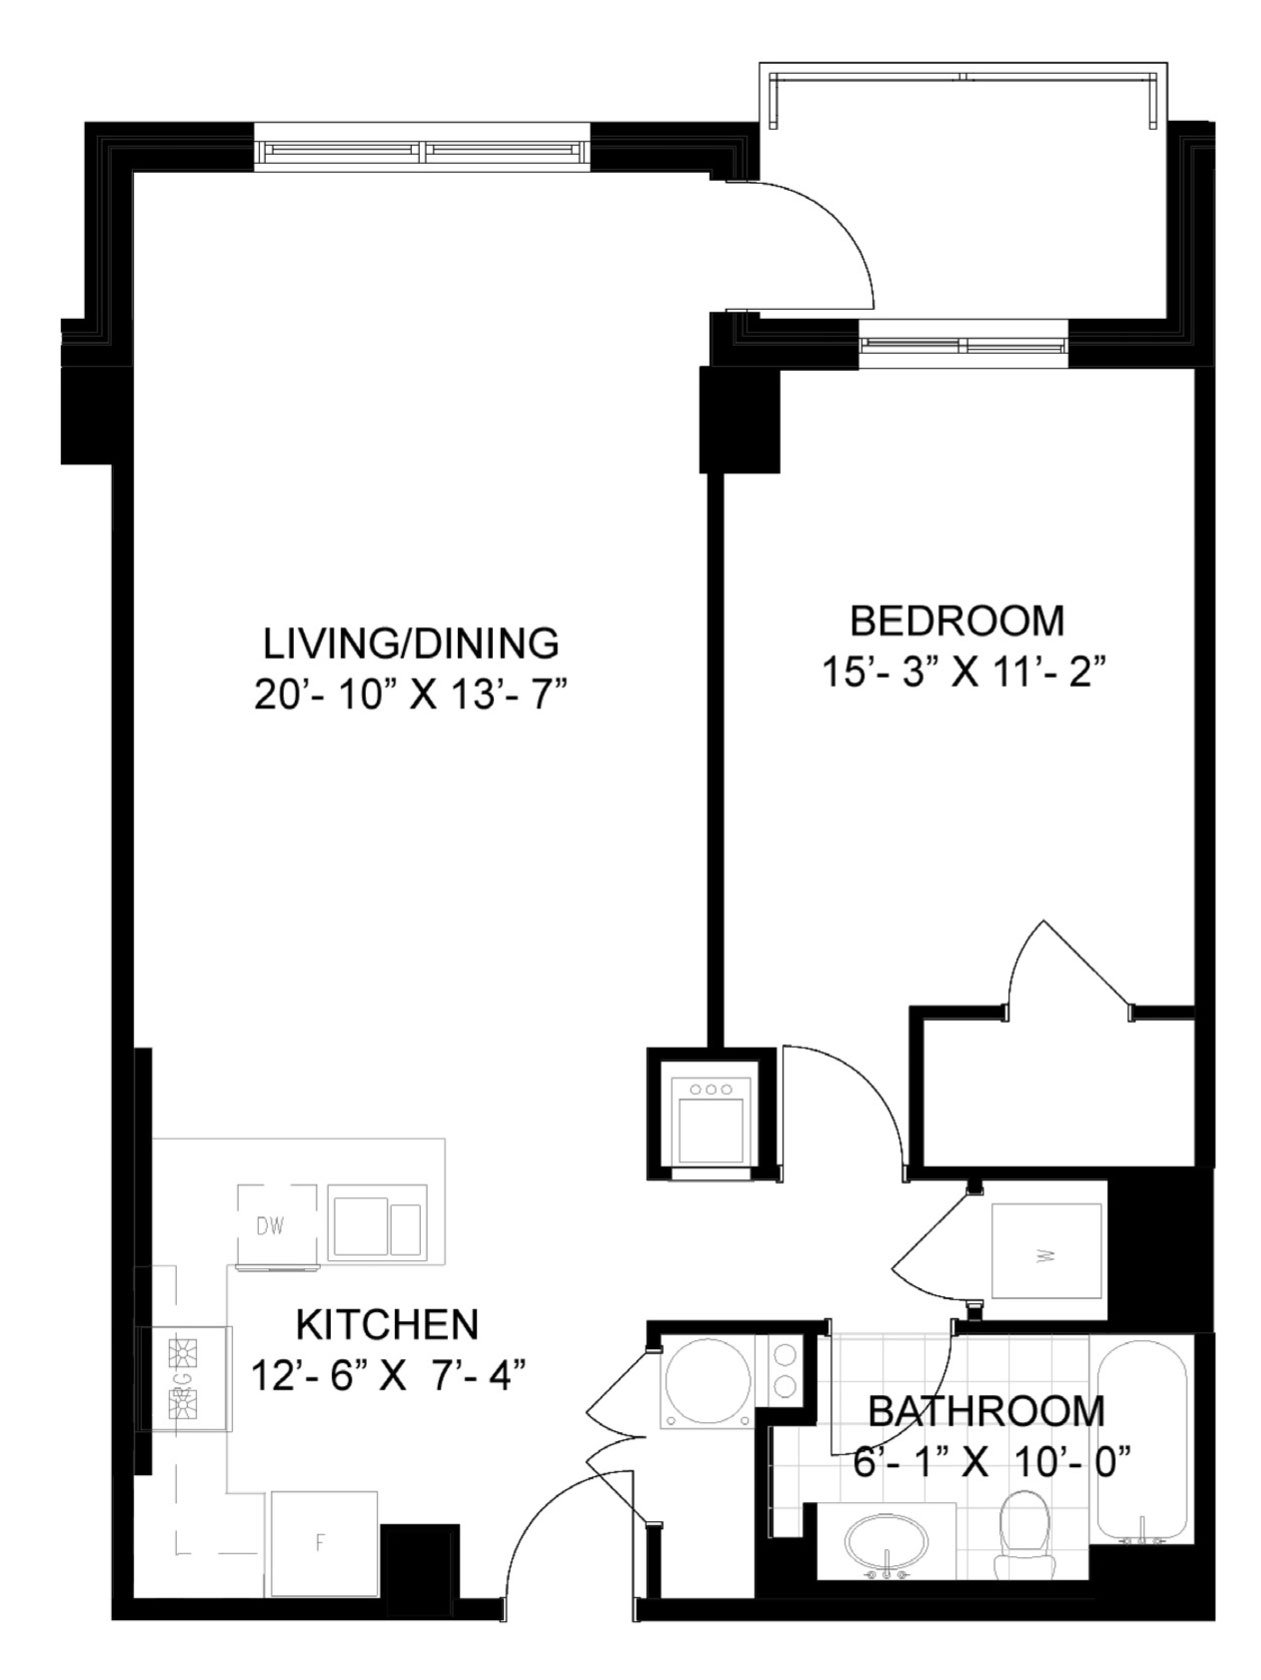 floorplan 0917 image